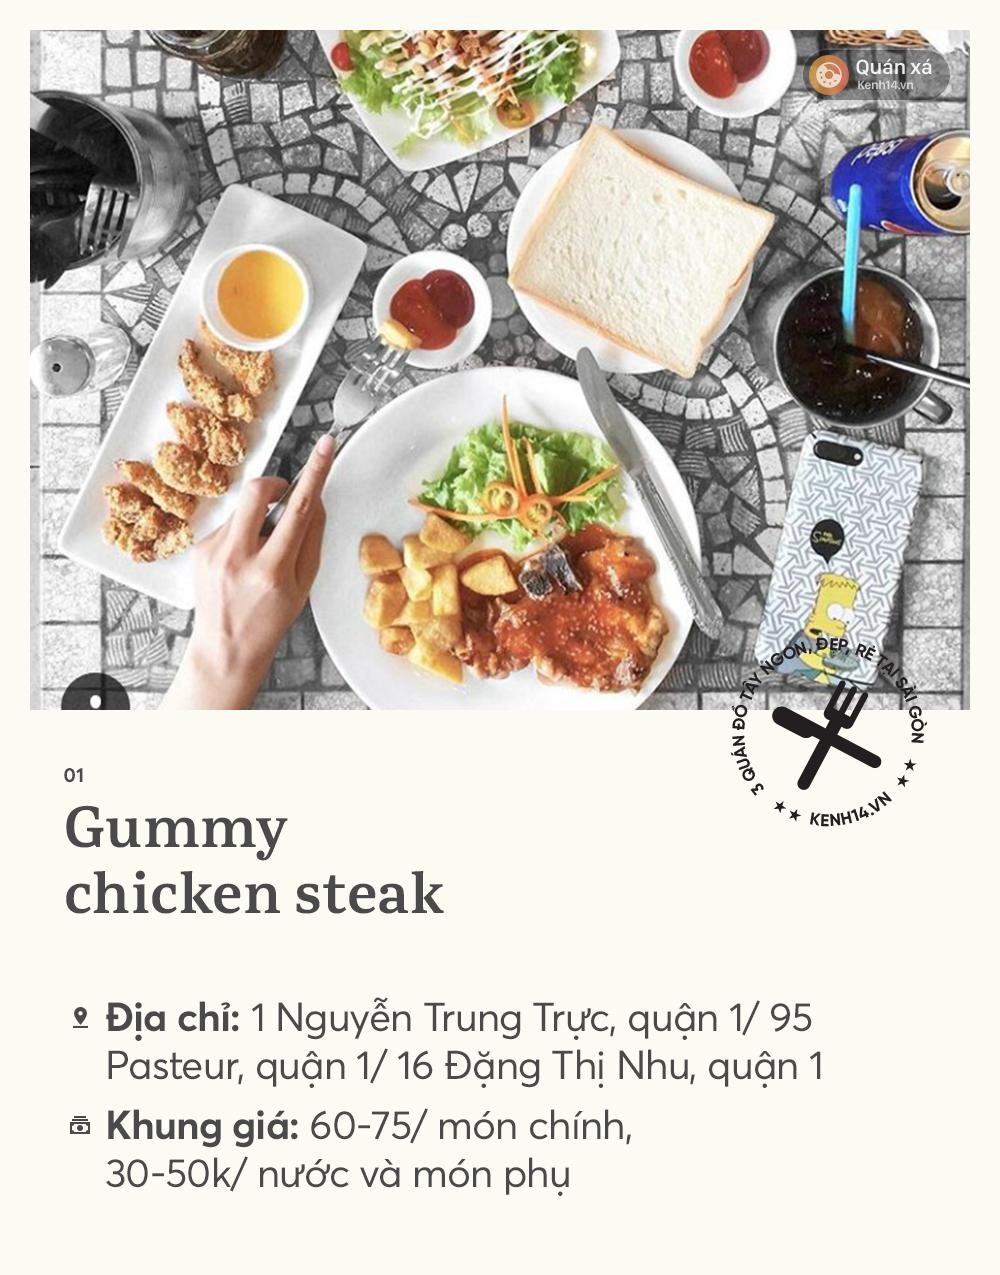 Sài Gòn: Ngày cuối kỳ nghỉ lễ, tụ tập đi ăn steak ngon - rẻ ở 3 quán xinh xắn này nhé - Ảnh 1.